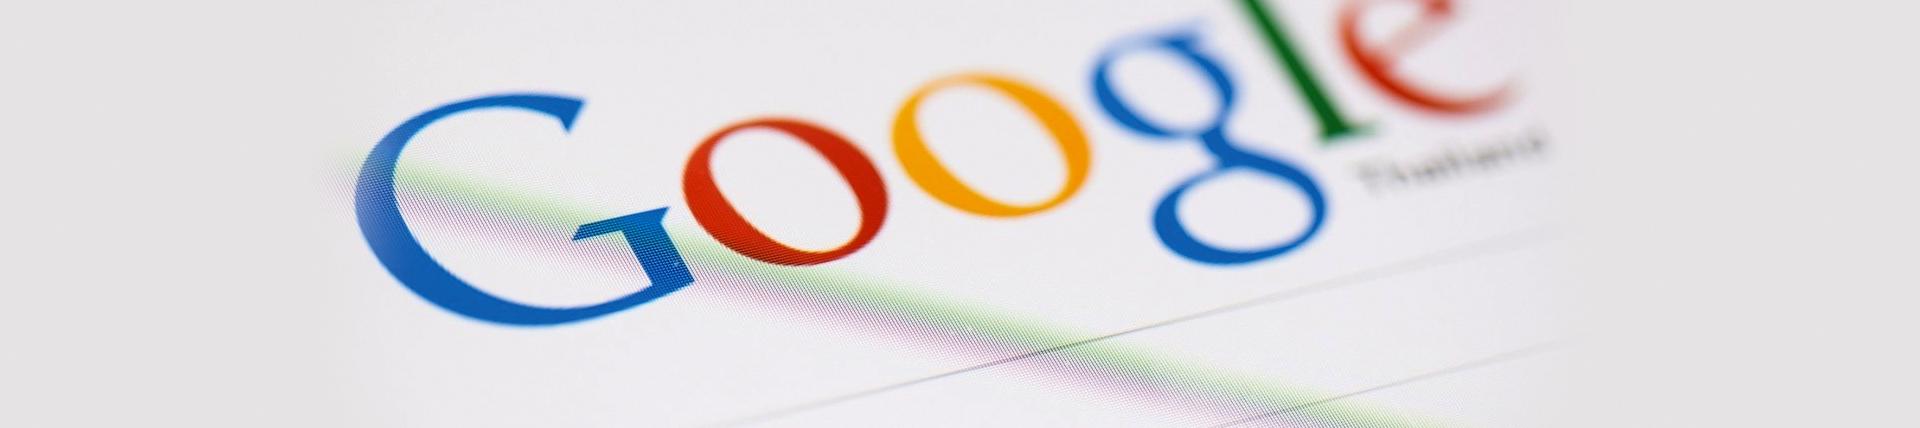 为了这个黑科技,谷歌收购域名Loon.com!